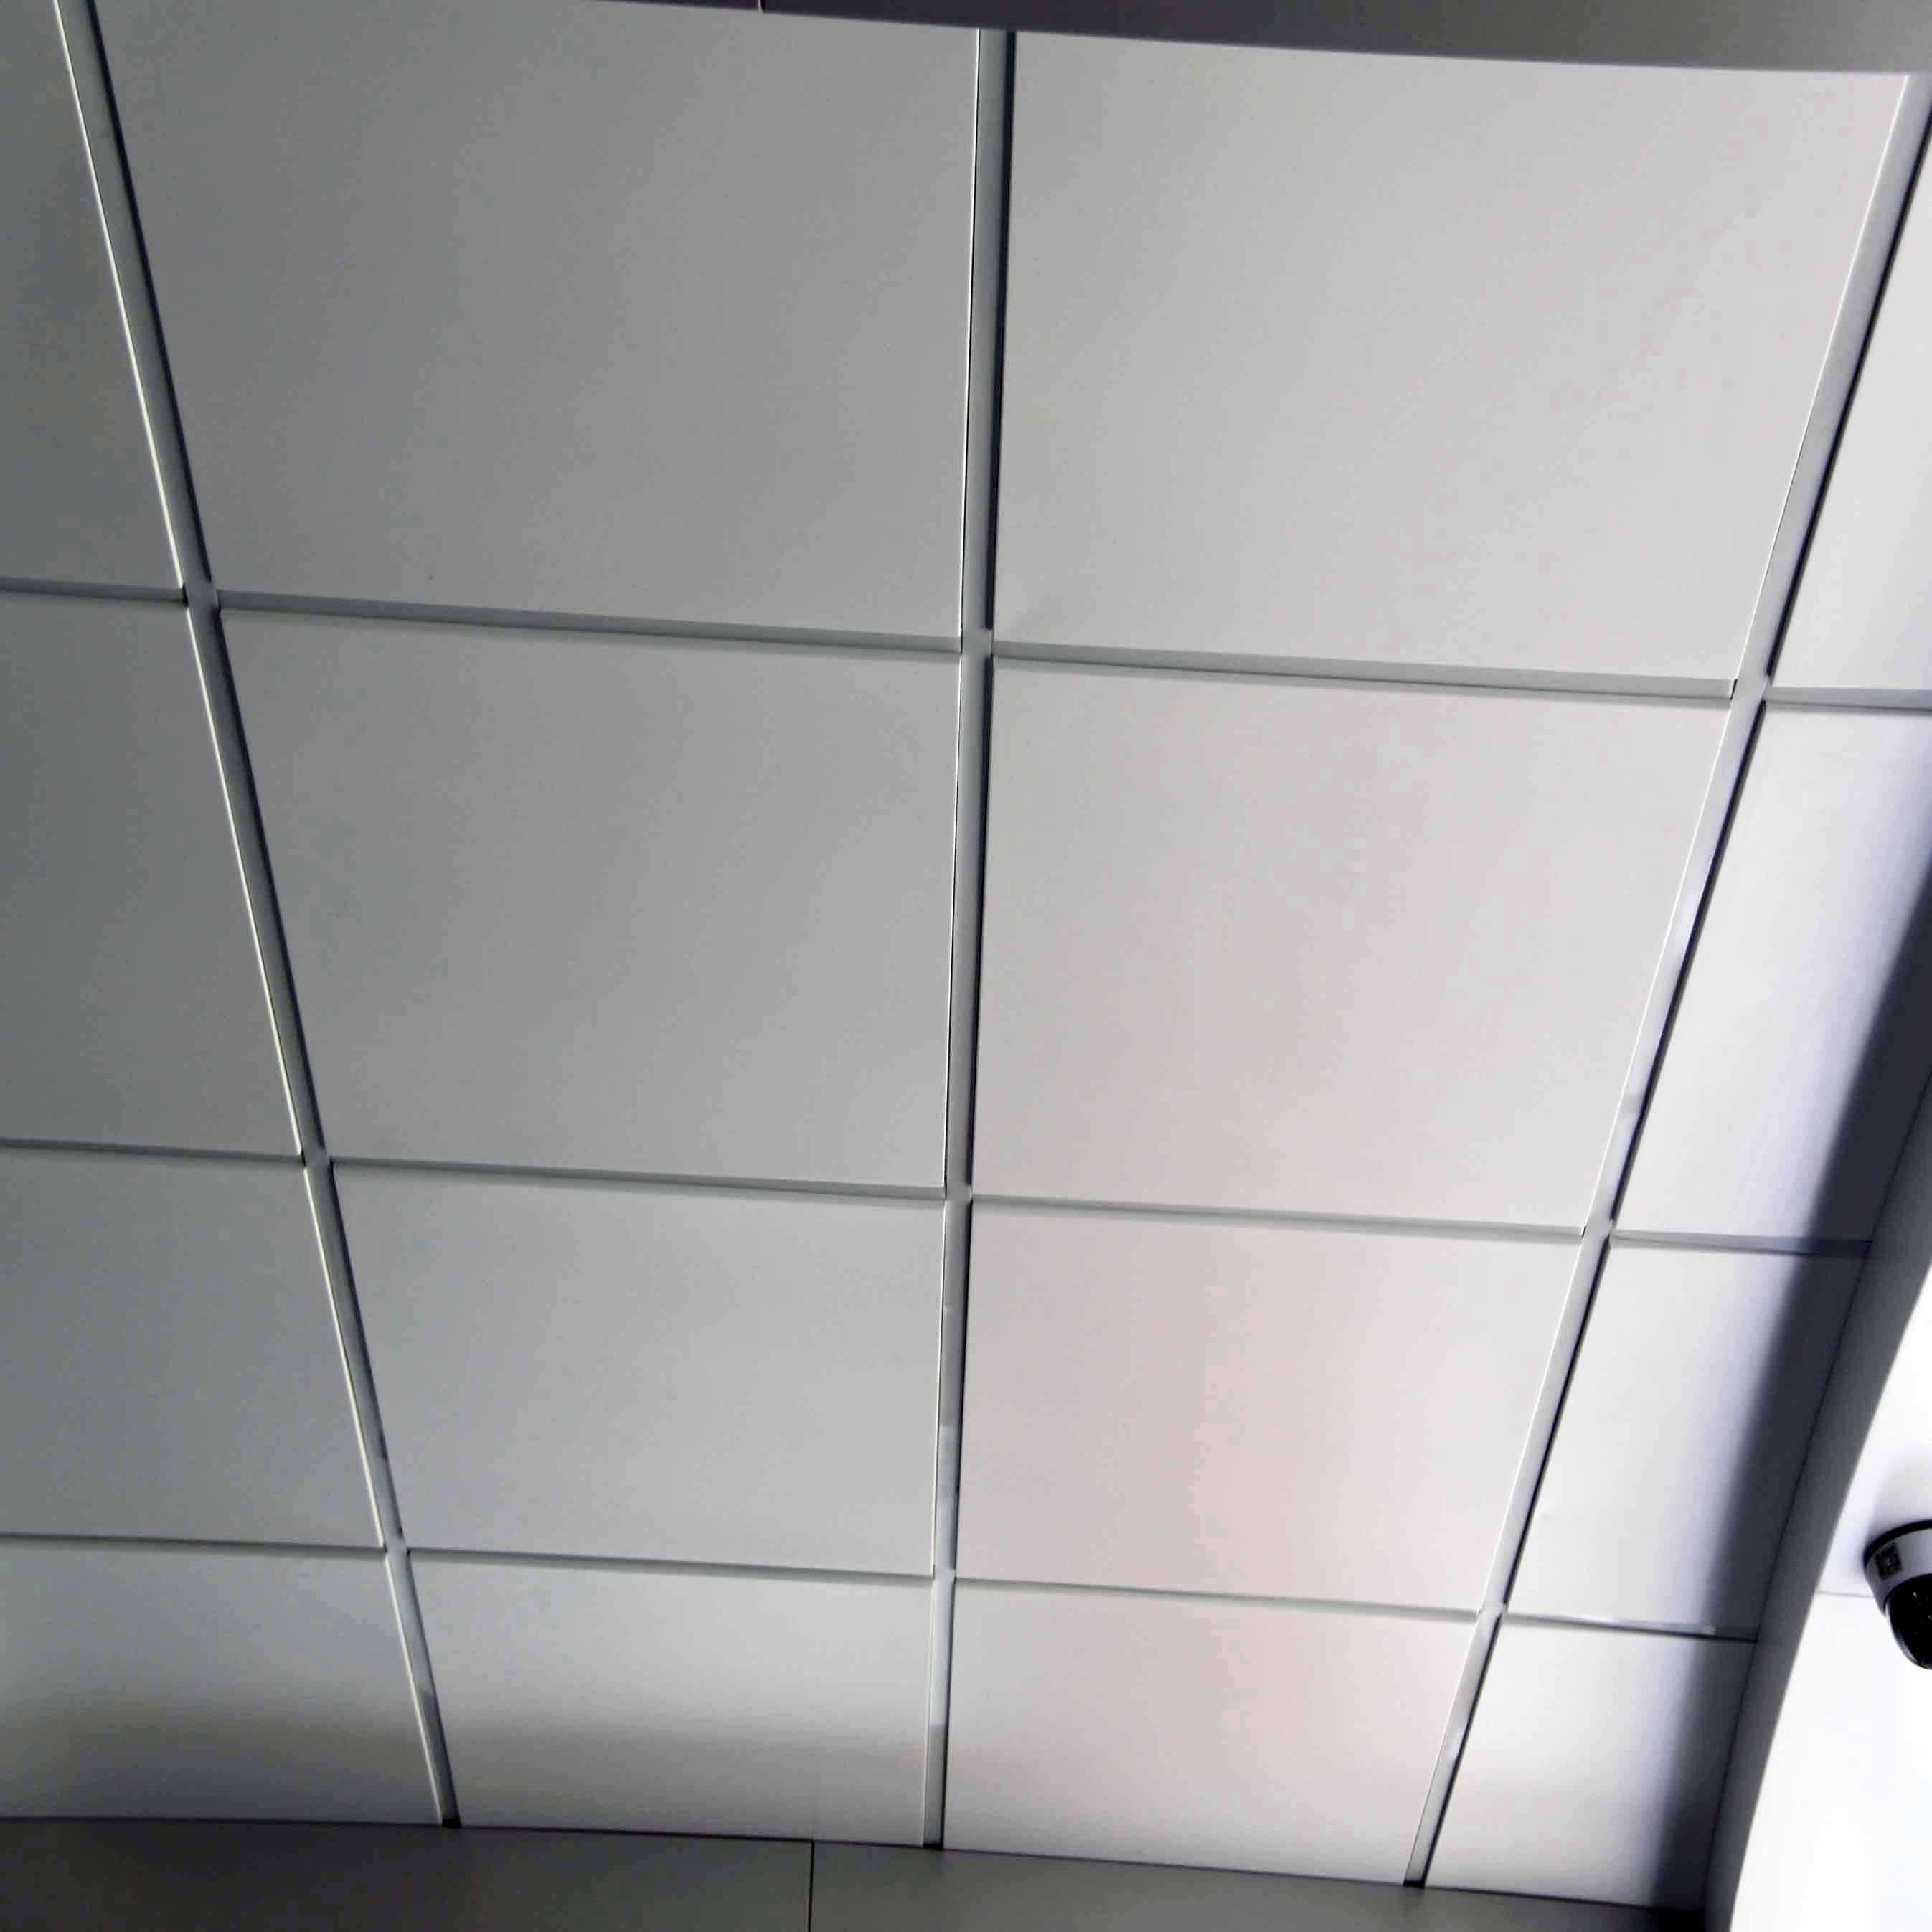 铝板天花价格_铝扣板吊顶_铝扣板吊顶供货商_宁波最好的铝扣板吊顶塑料扣板 ...